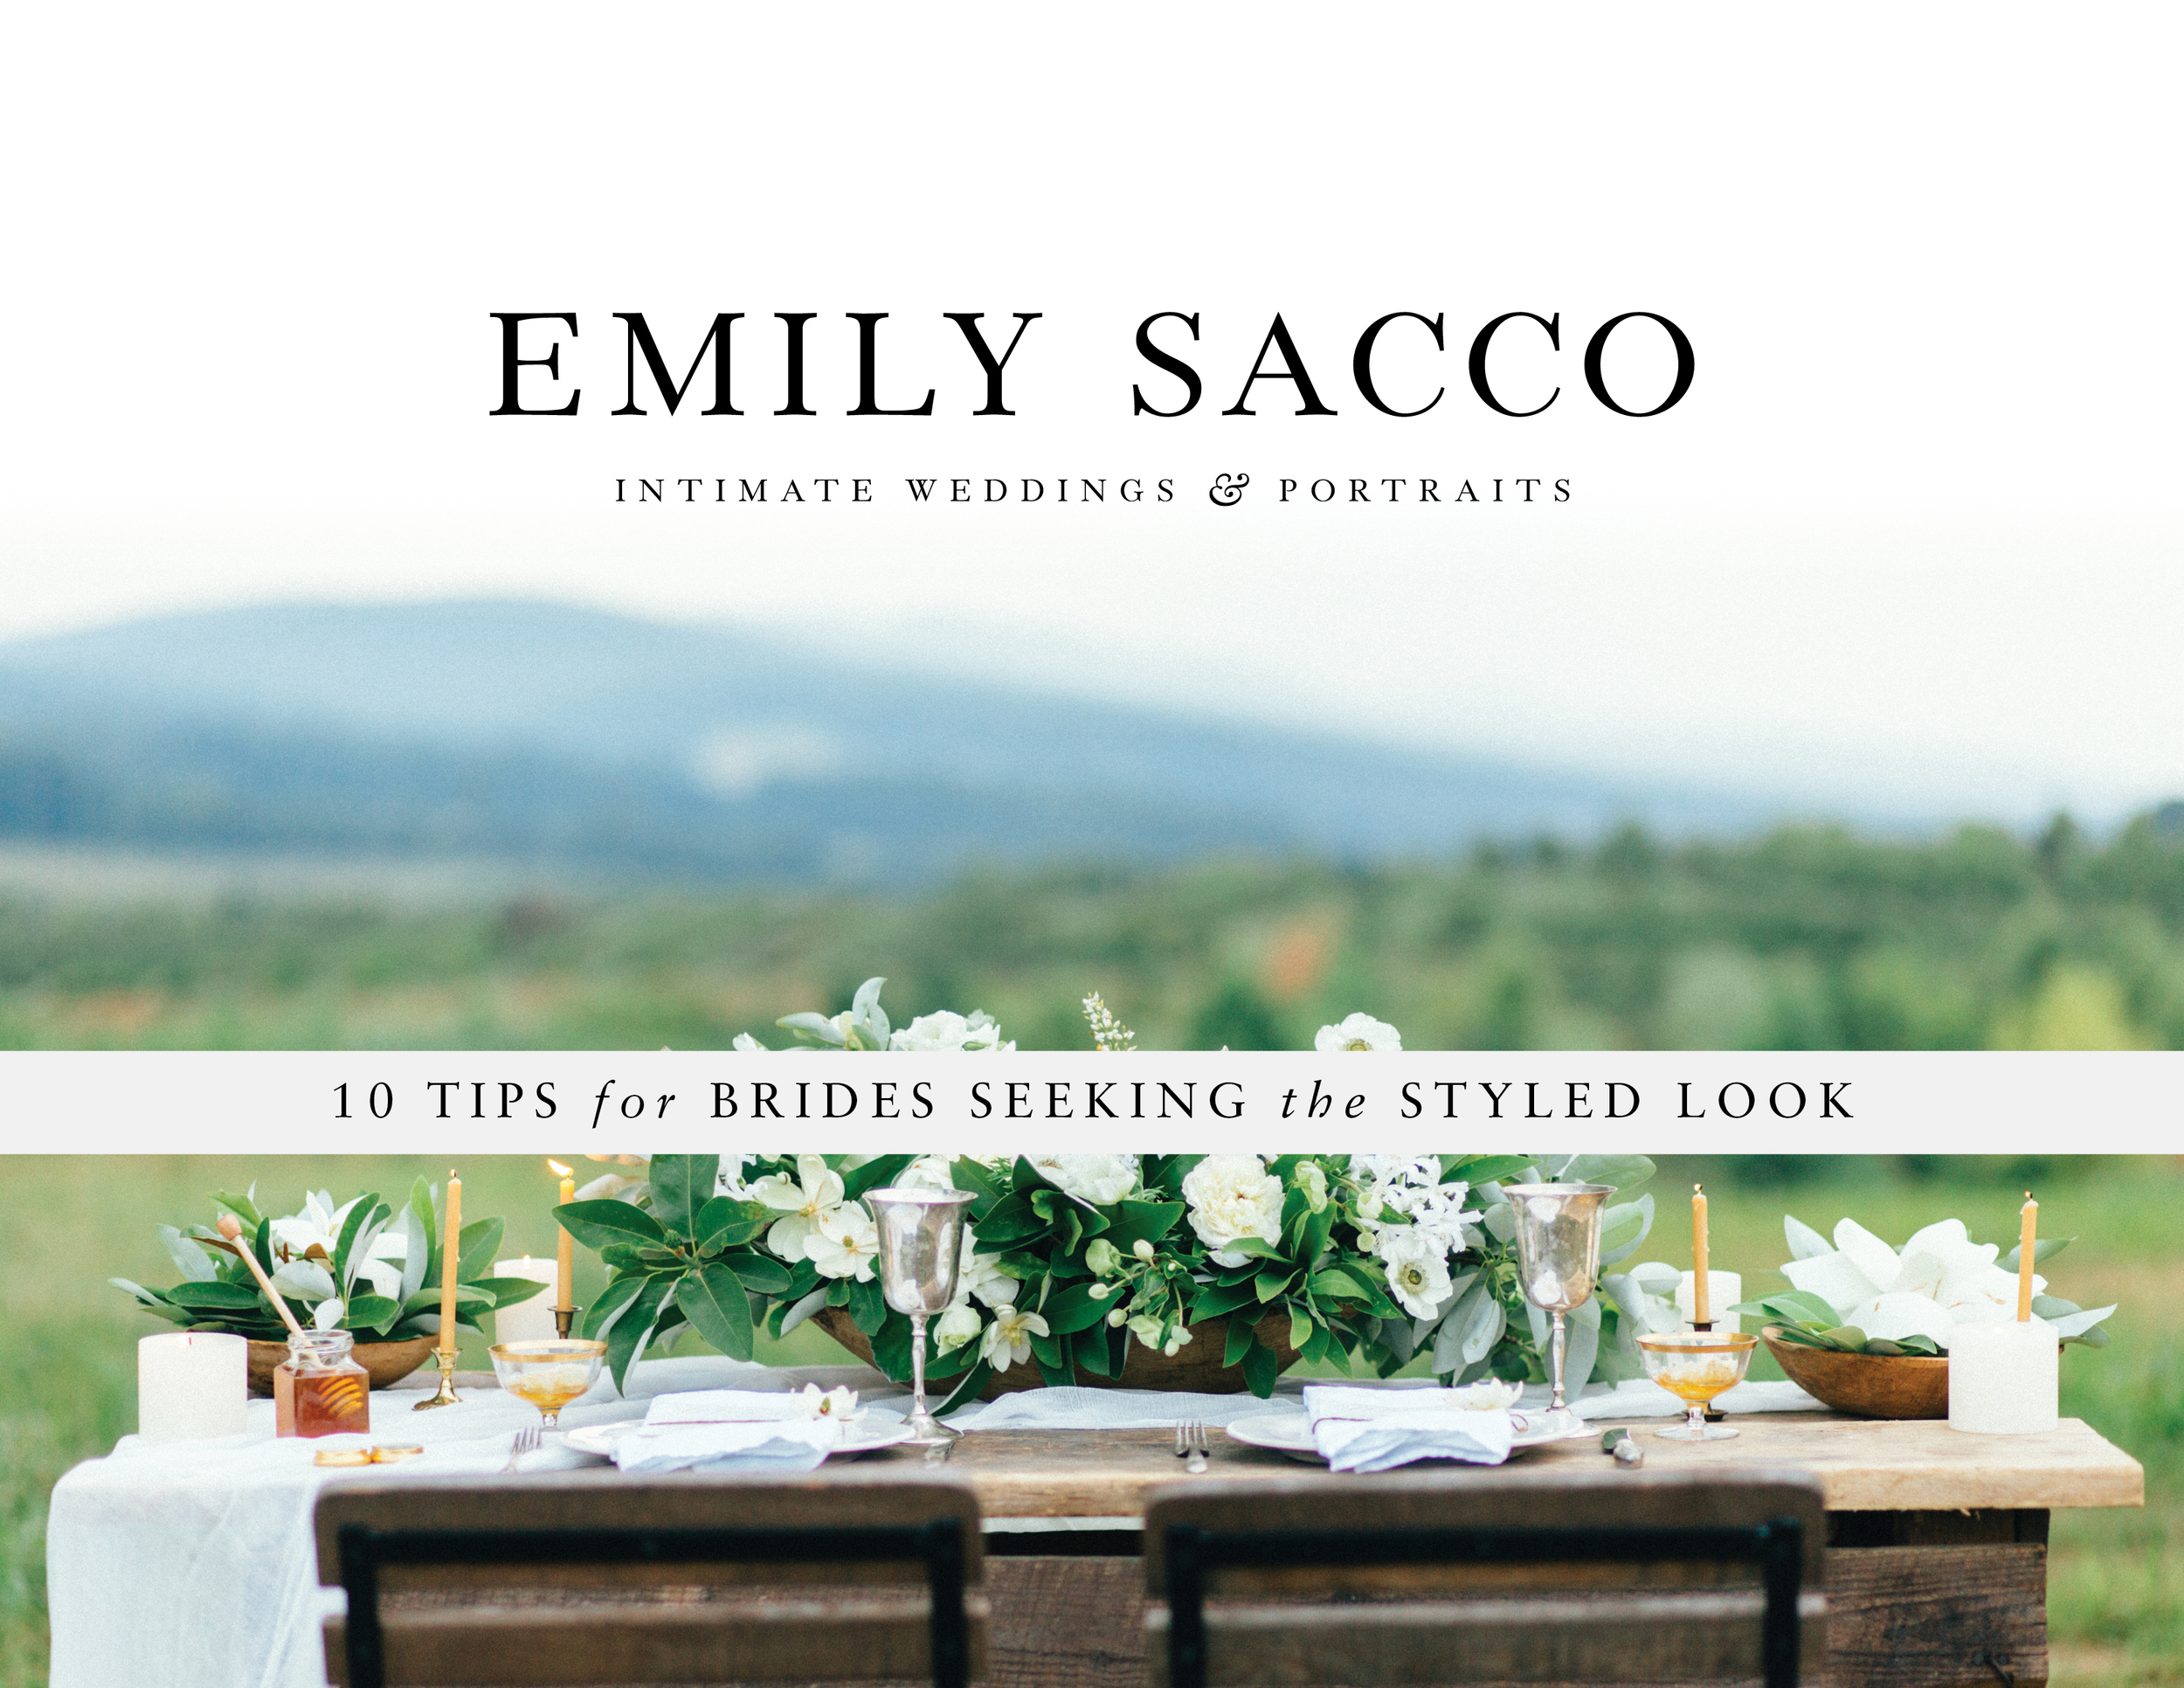 Boulder Colorado Wedding Photography Emily Sacco www.emilysacco.com